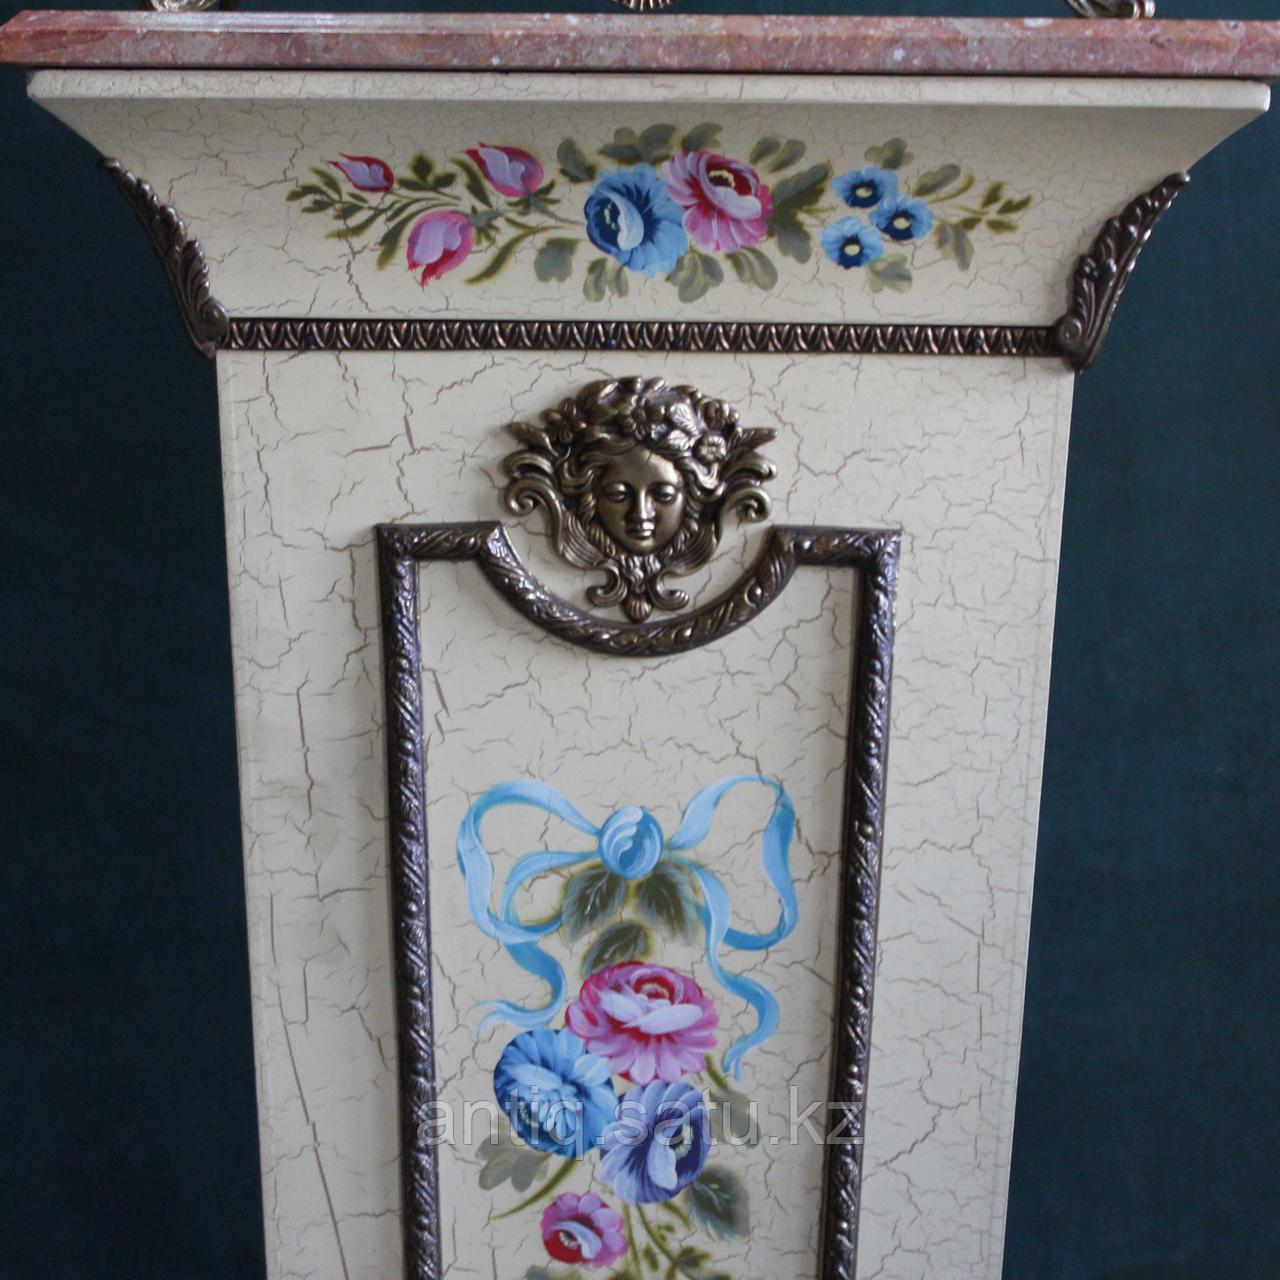 Итальянские часы в венецианском стиле - фото 5